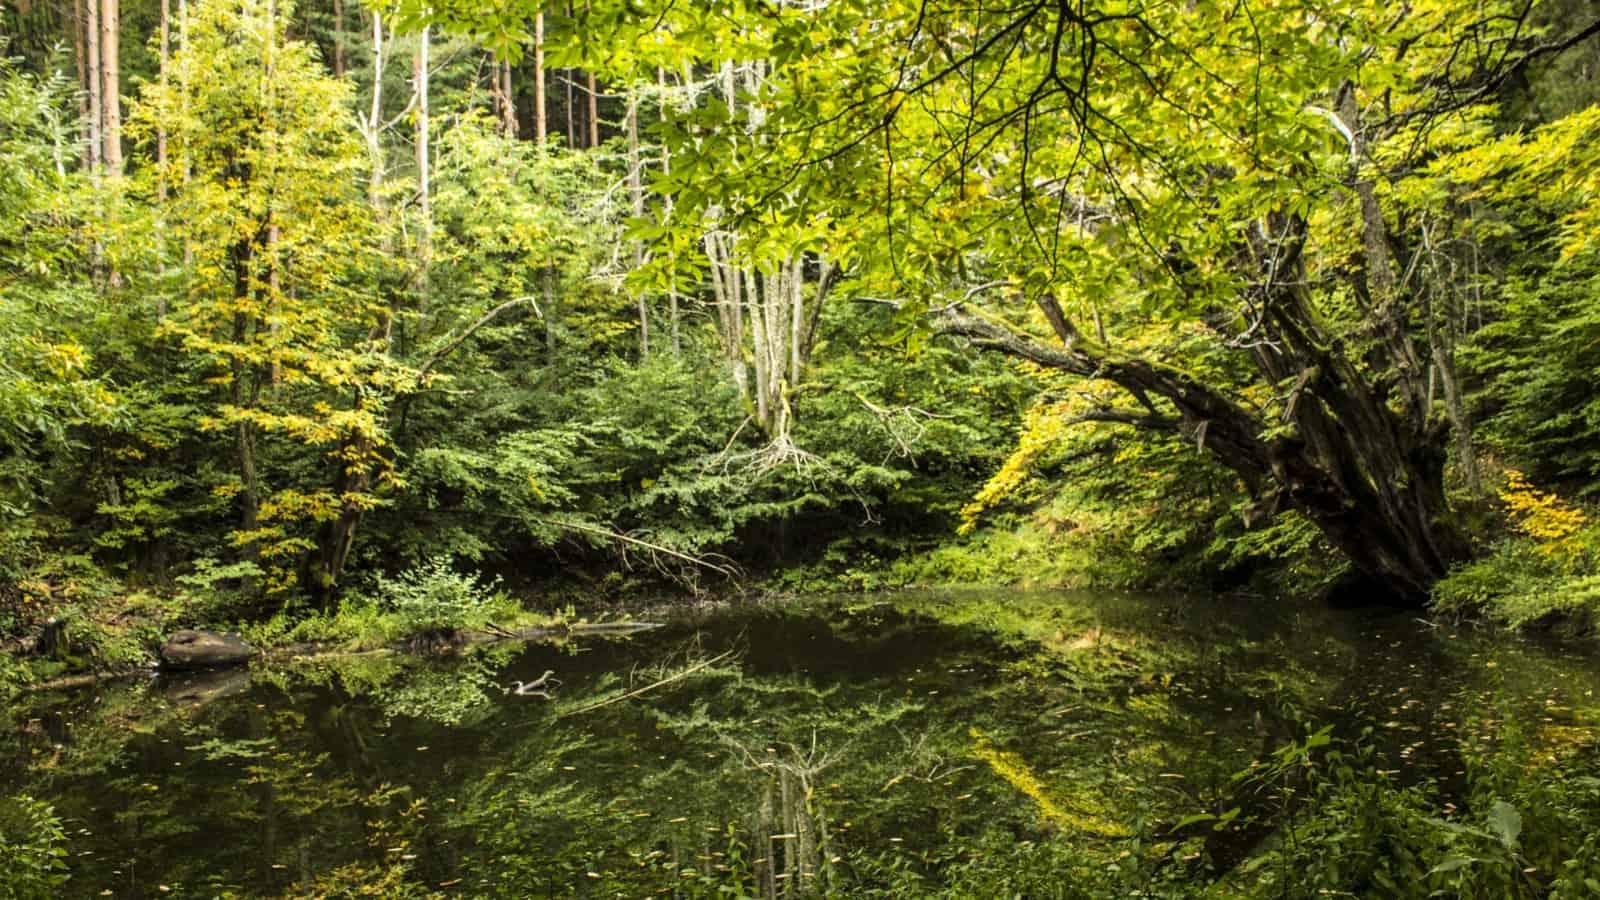 Photo: Belasitsa Nature Park/Ilia Kochev Levkov